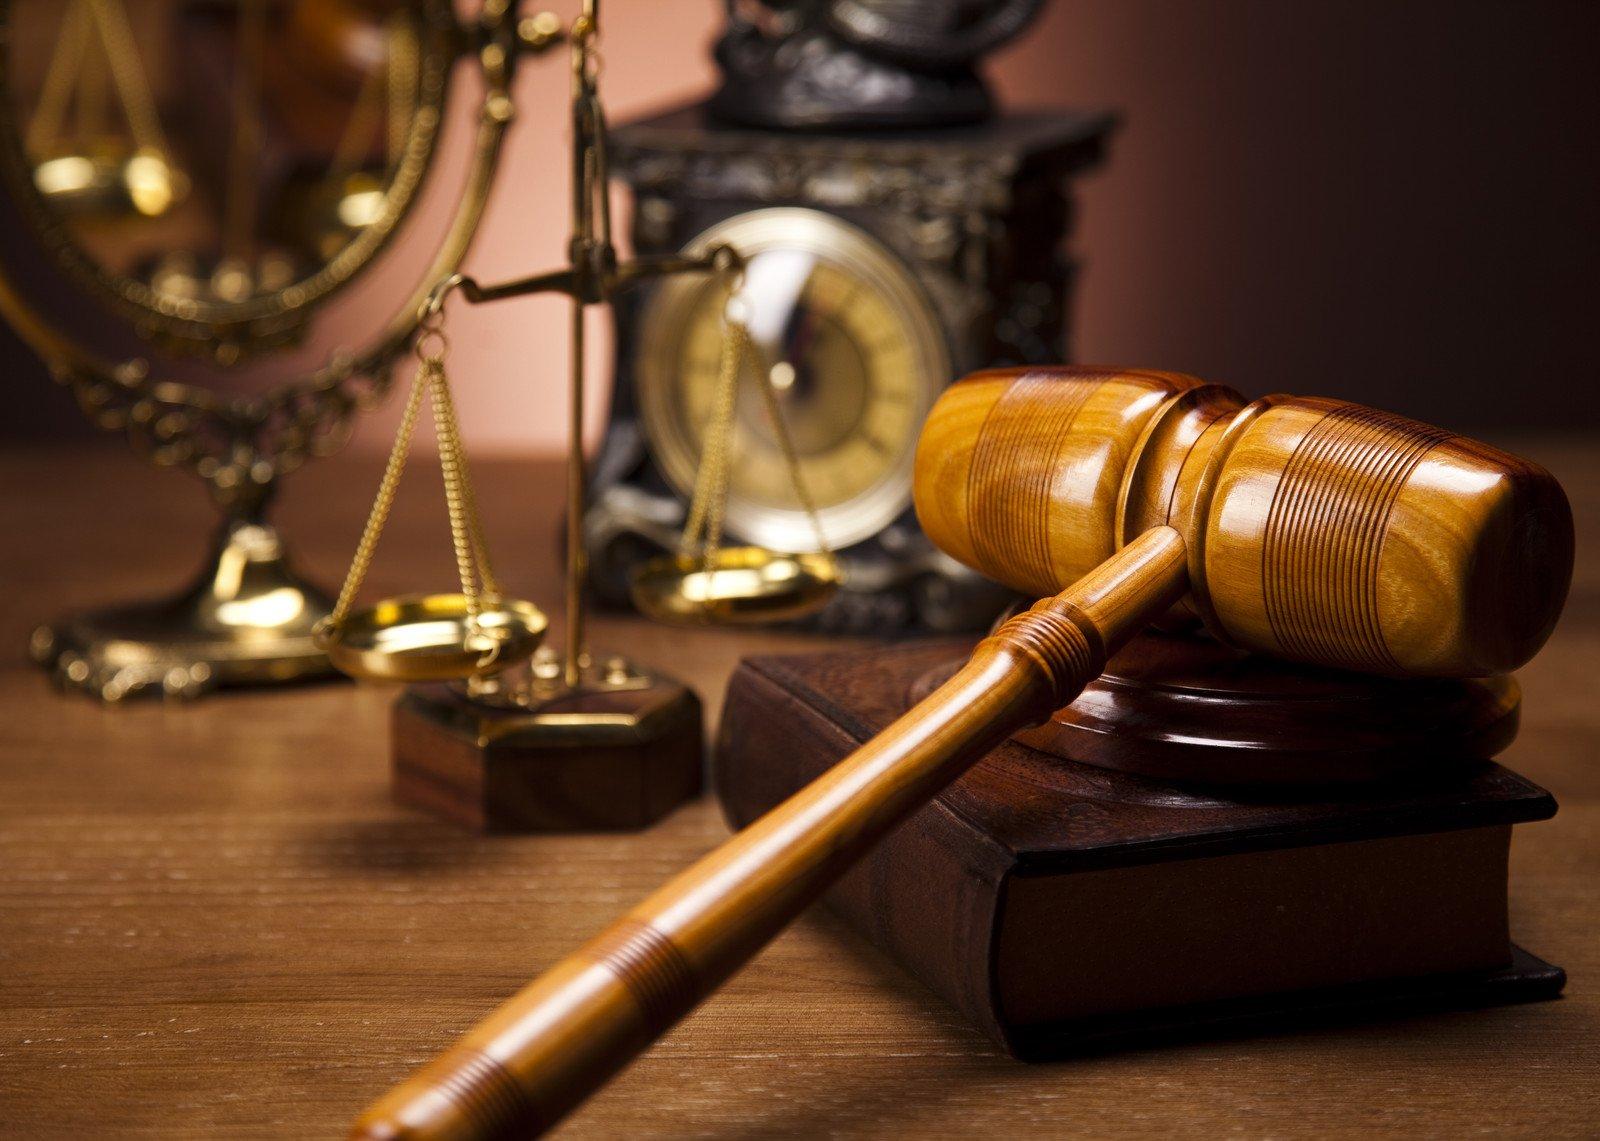 Становище на ИМП по конституционното дело срещу Истанбулската конвенция